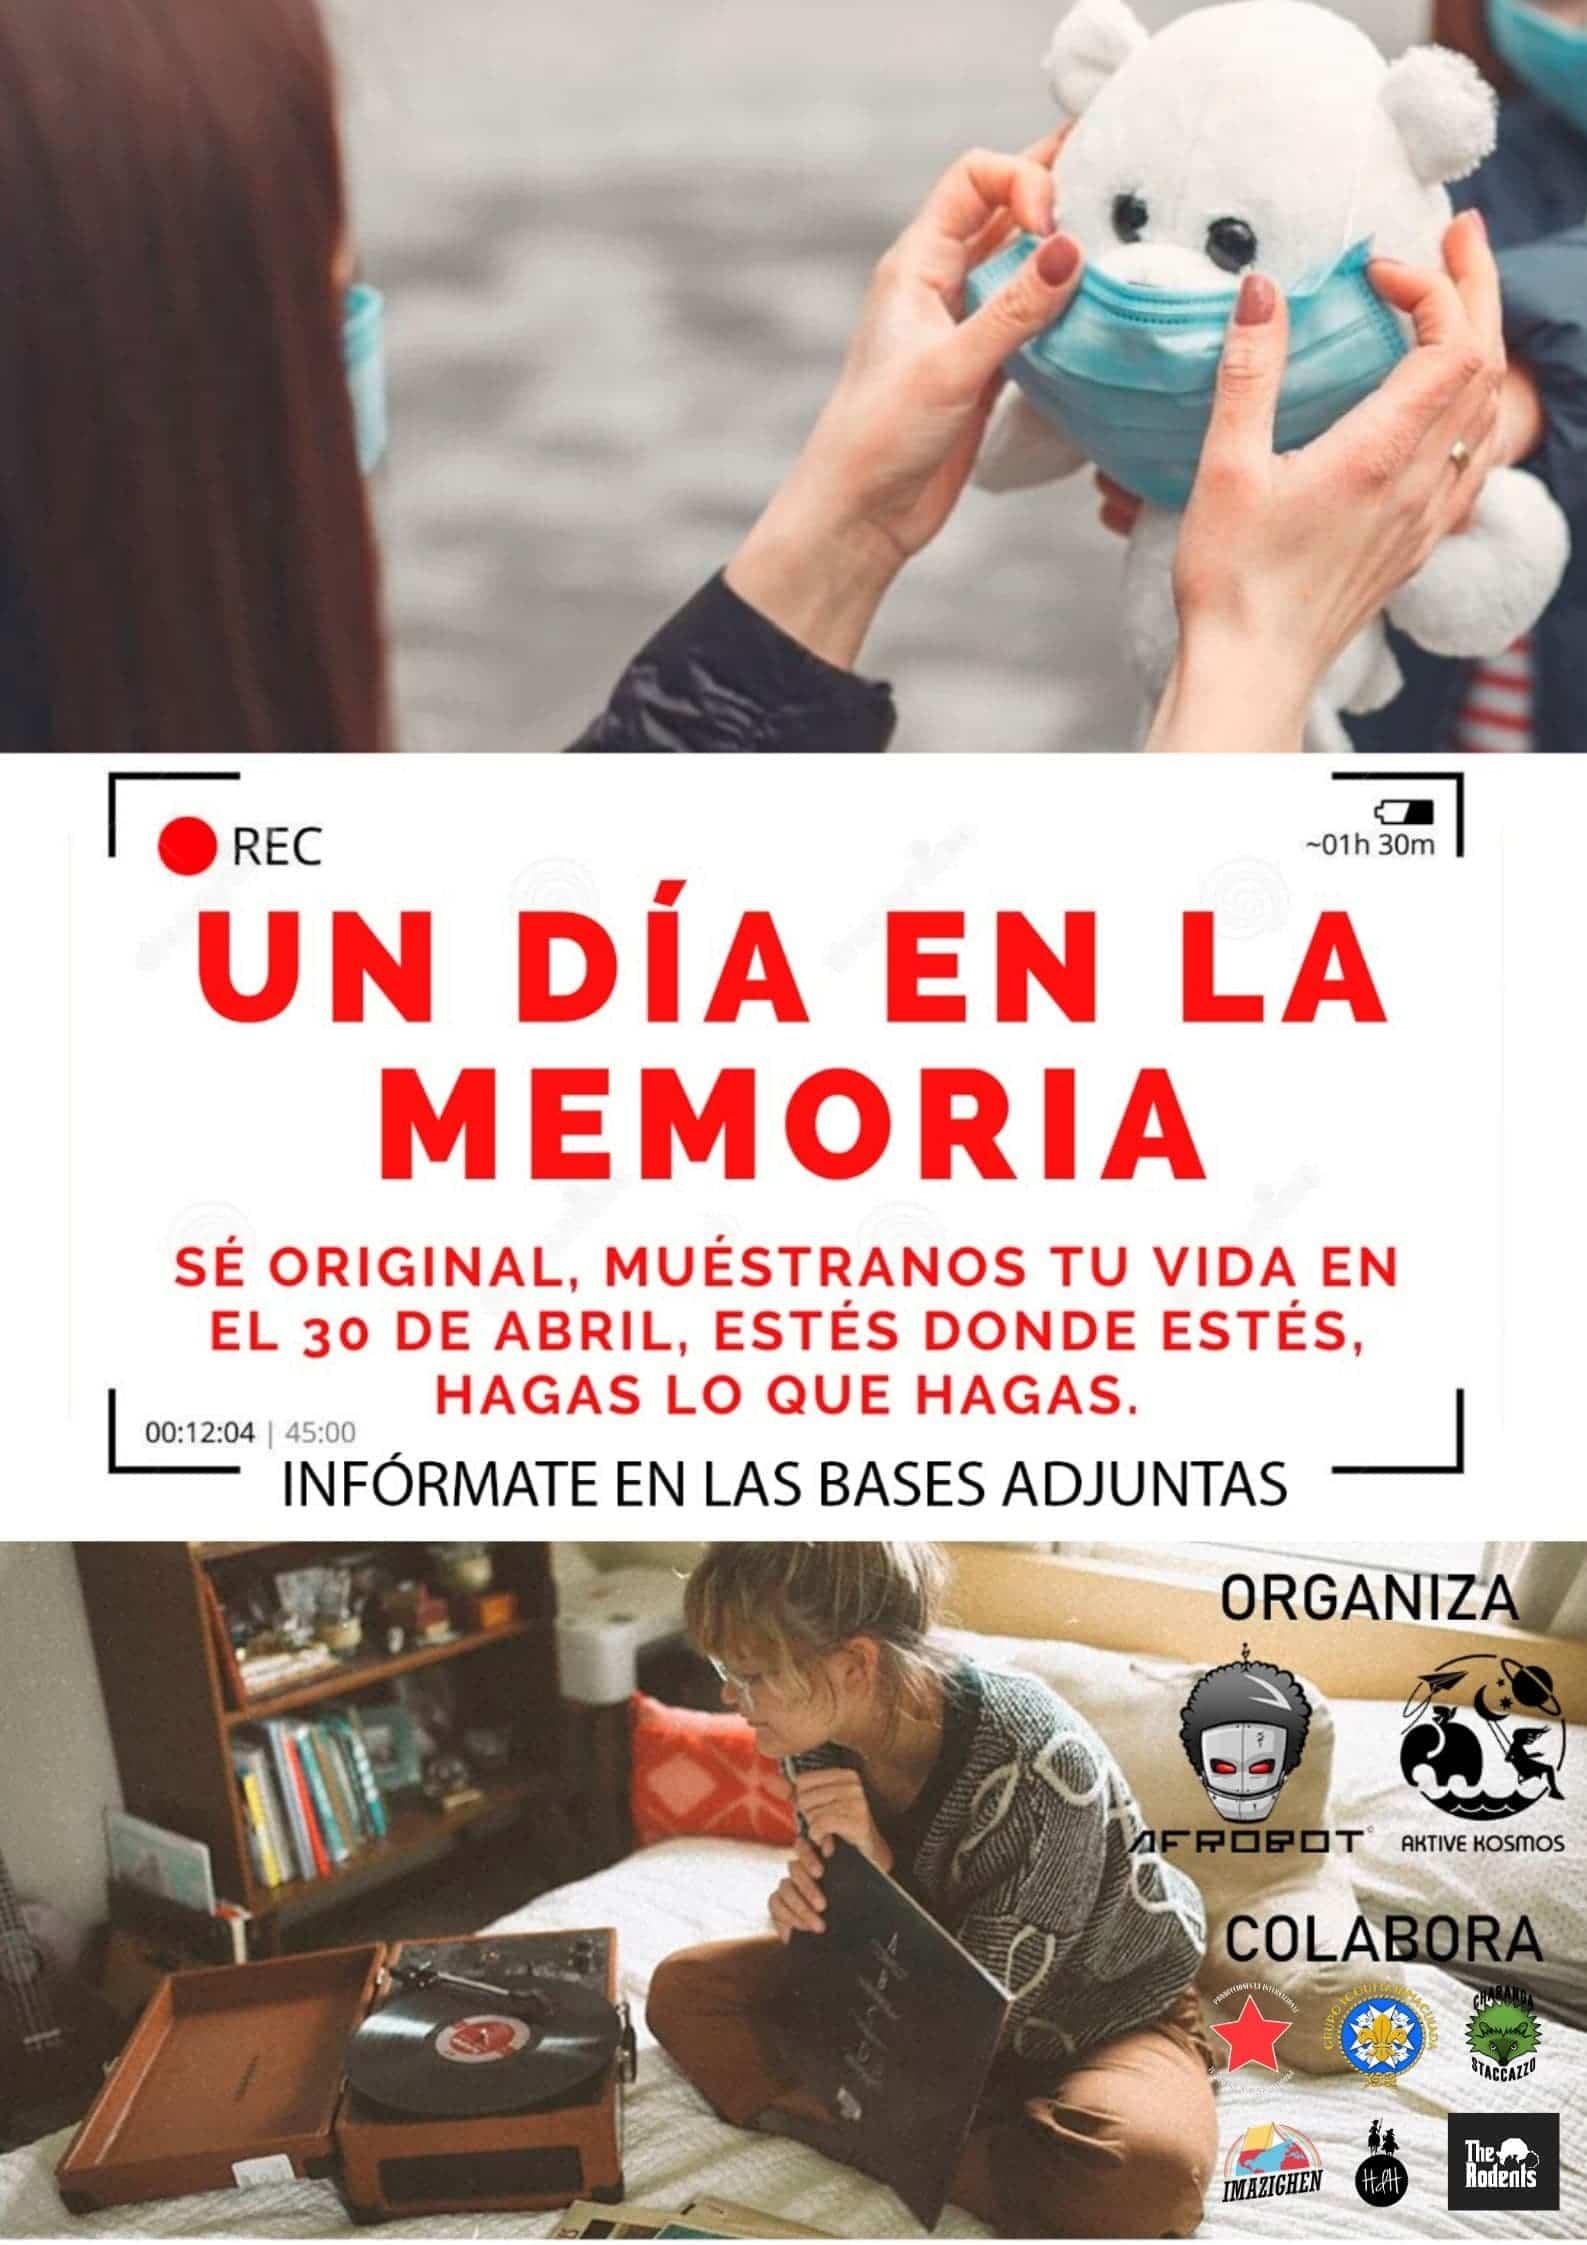 un dia en la memoria 30 abril 2020 - Un día en la memoria. Proyecto de vídeo Memoria en Comunidad